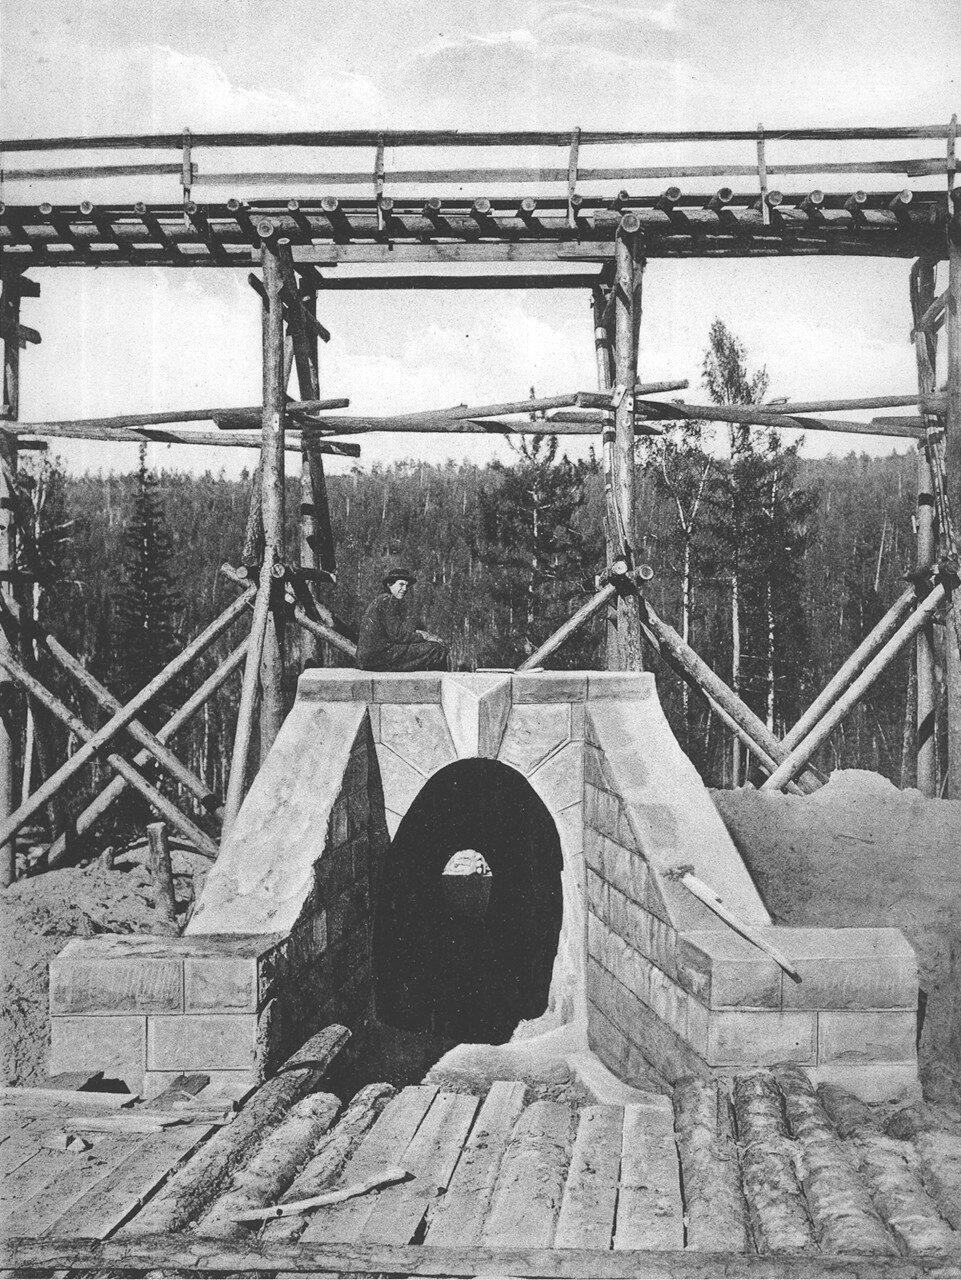 32. 2551 верста. Каменная труба отв. 0,75 саж. Строительный период 1909